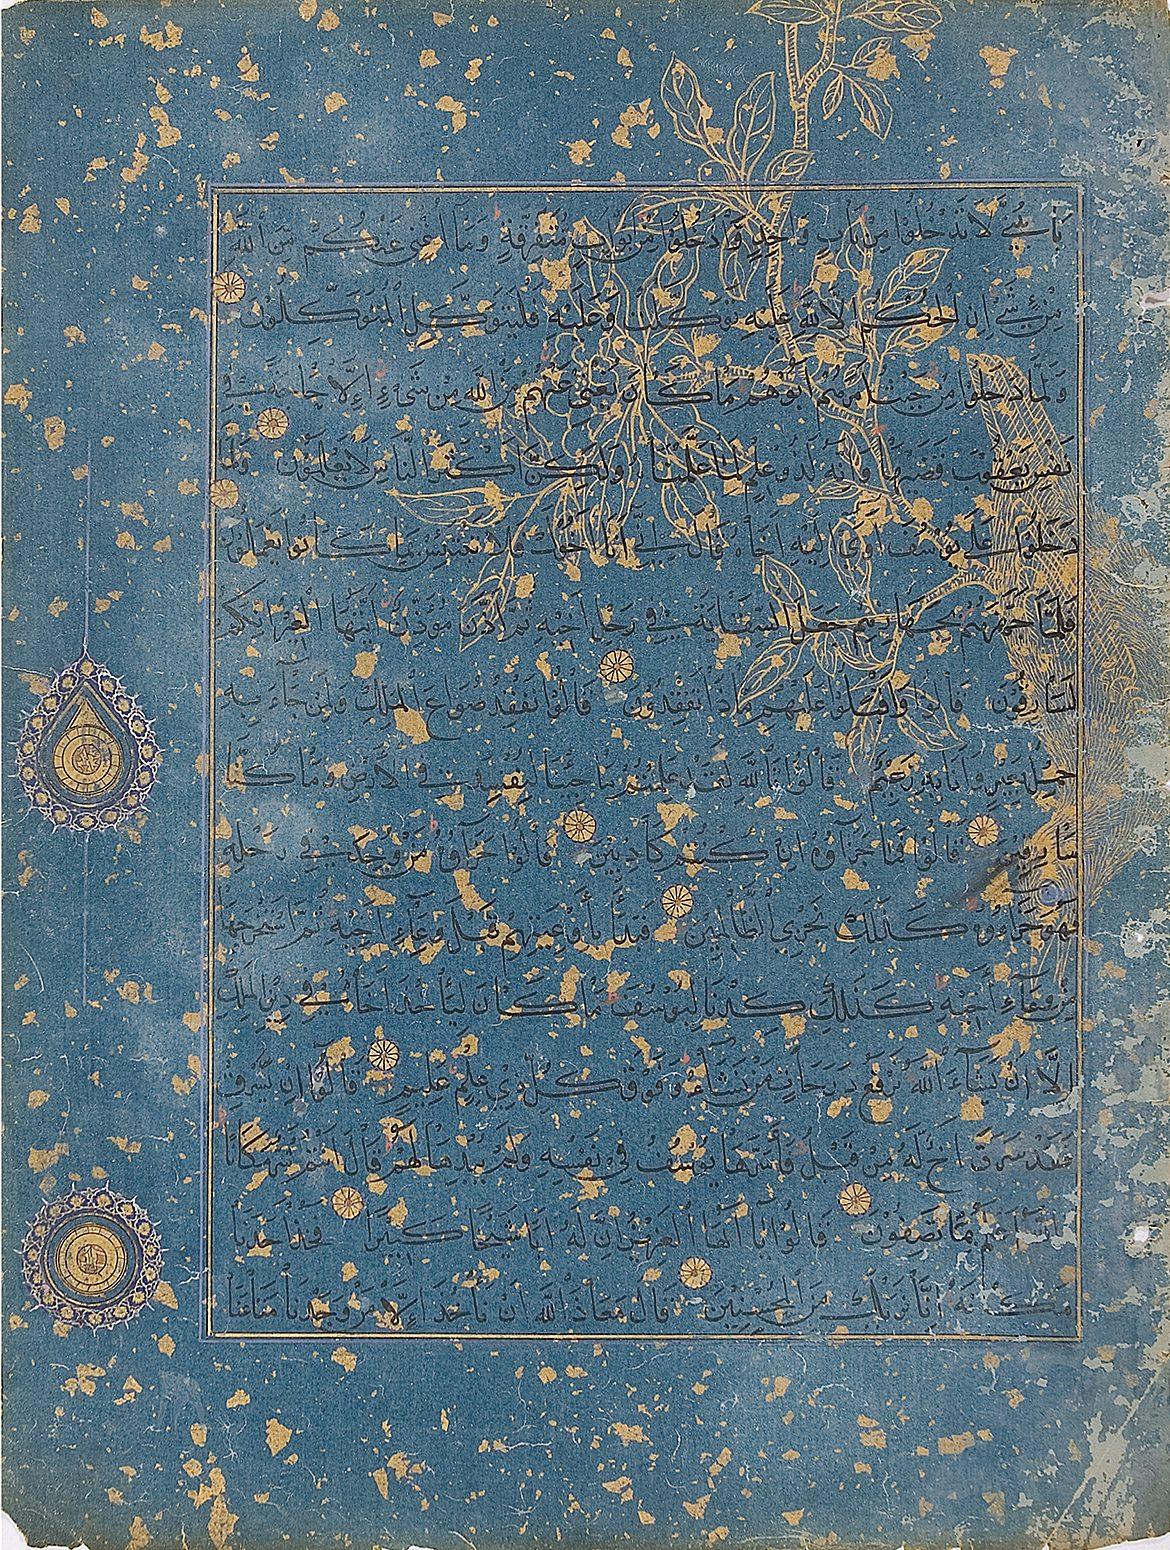 Лист из Корана. 1430-1440. Цветная бумага, тушь, золото. Фонда Марджани